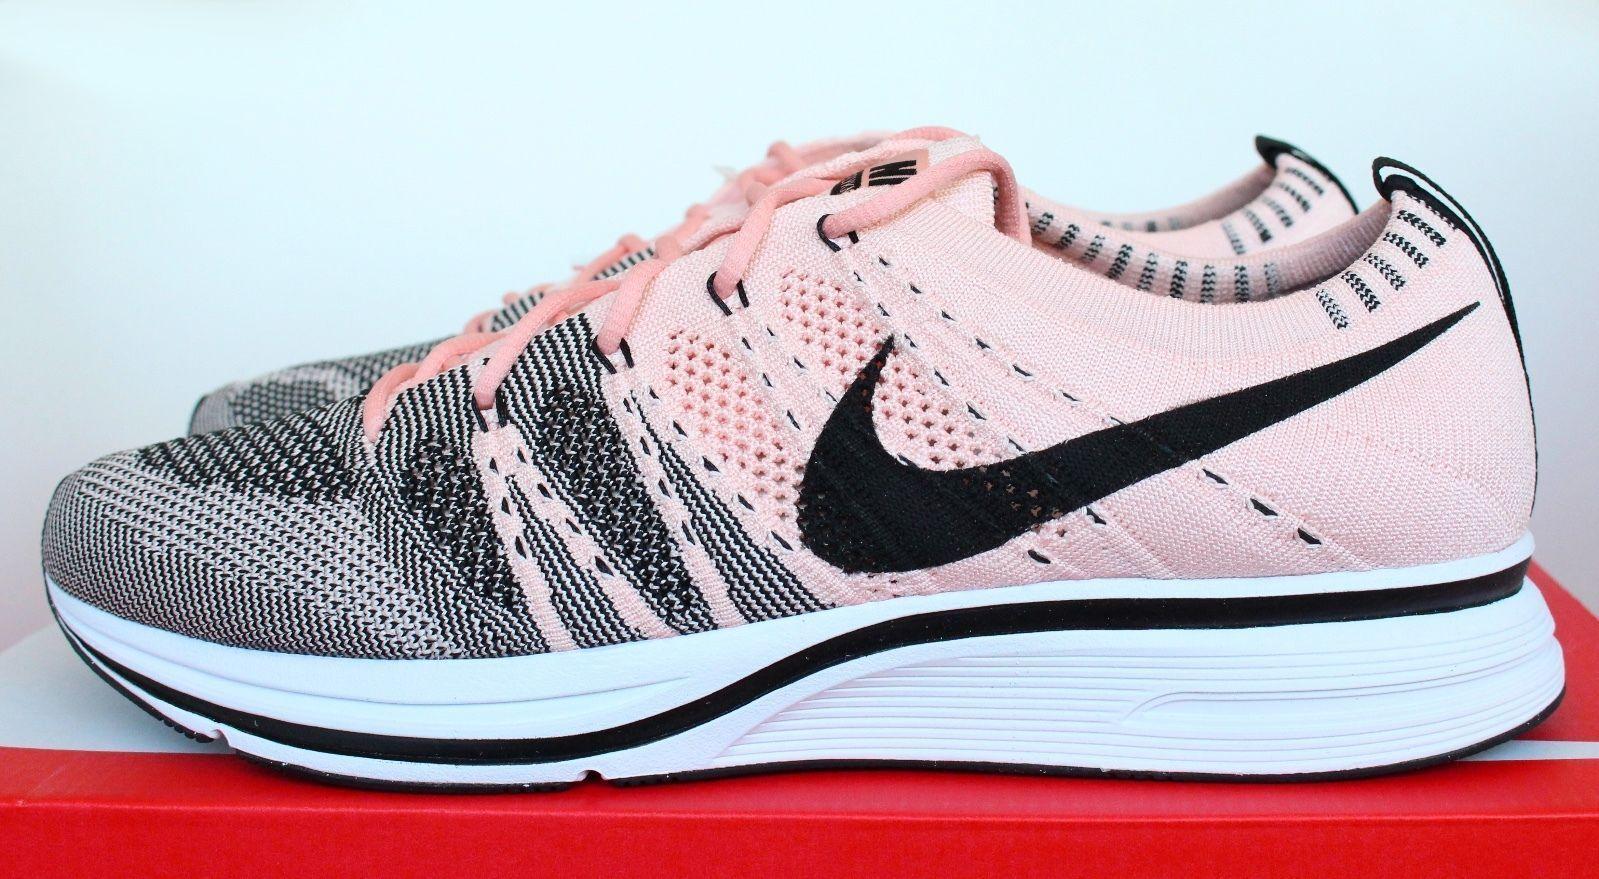 Nike og flyknit trainer og Nike sonnenuntergang farbton pink salmon korallen schwarz ah8396-600 männer 8 - 13 95cd89